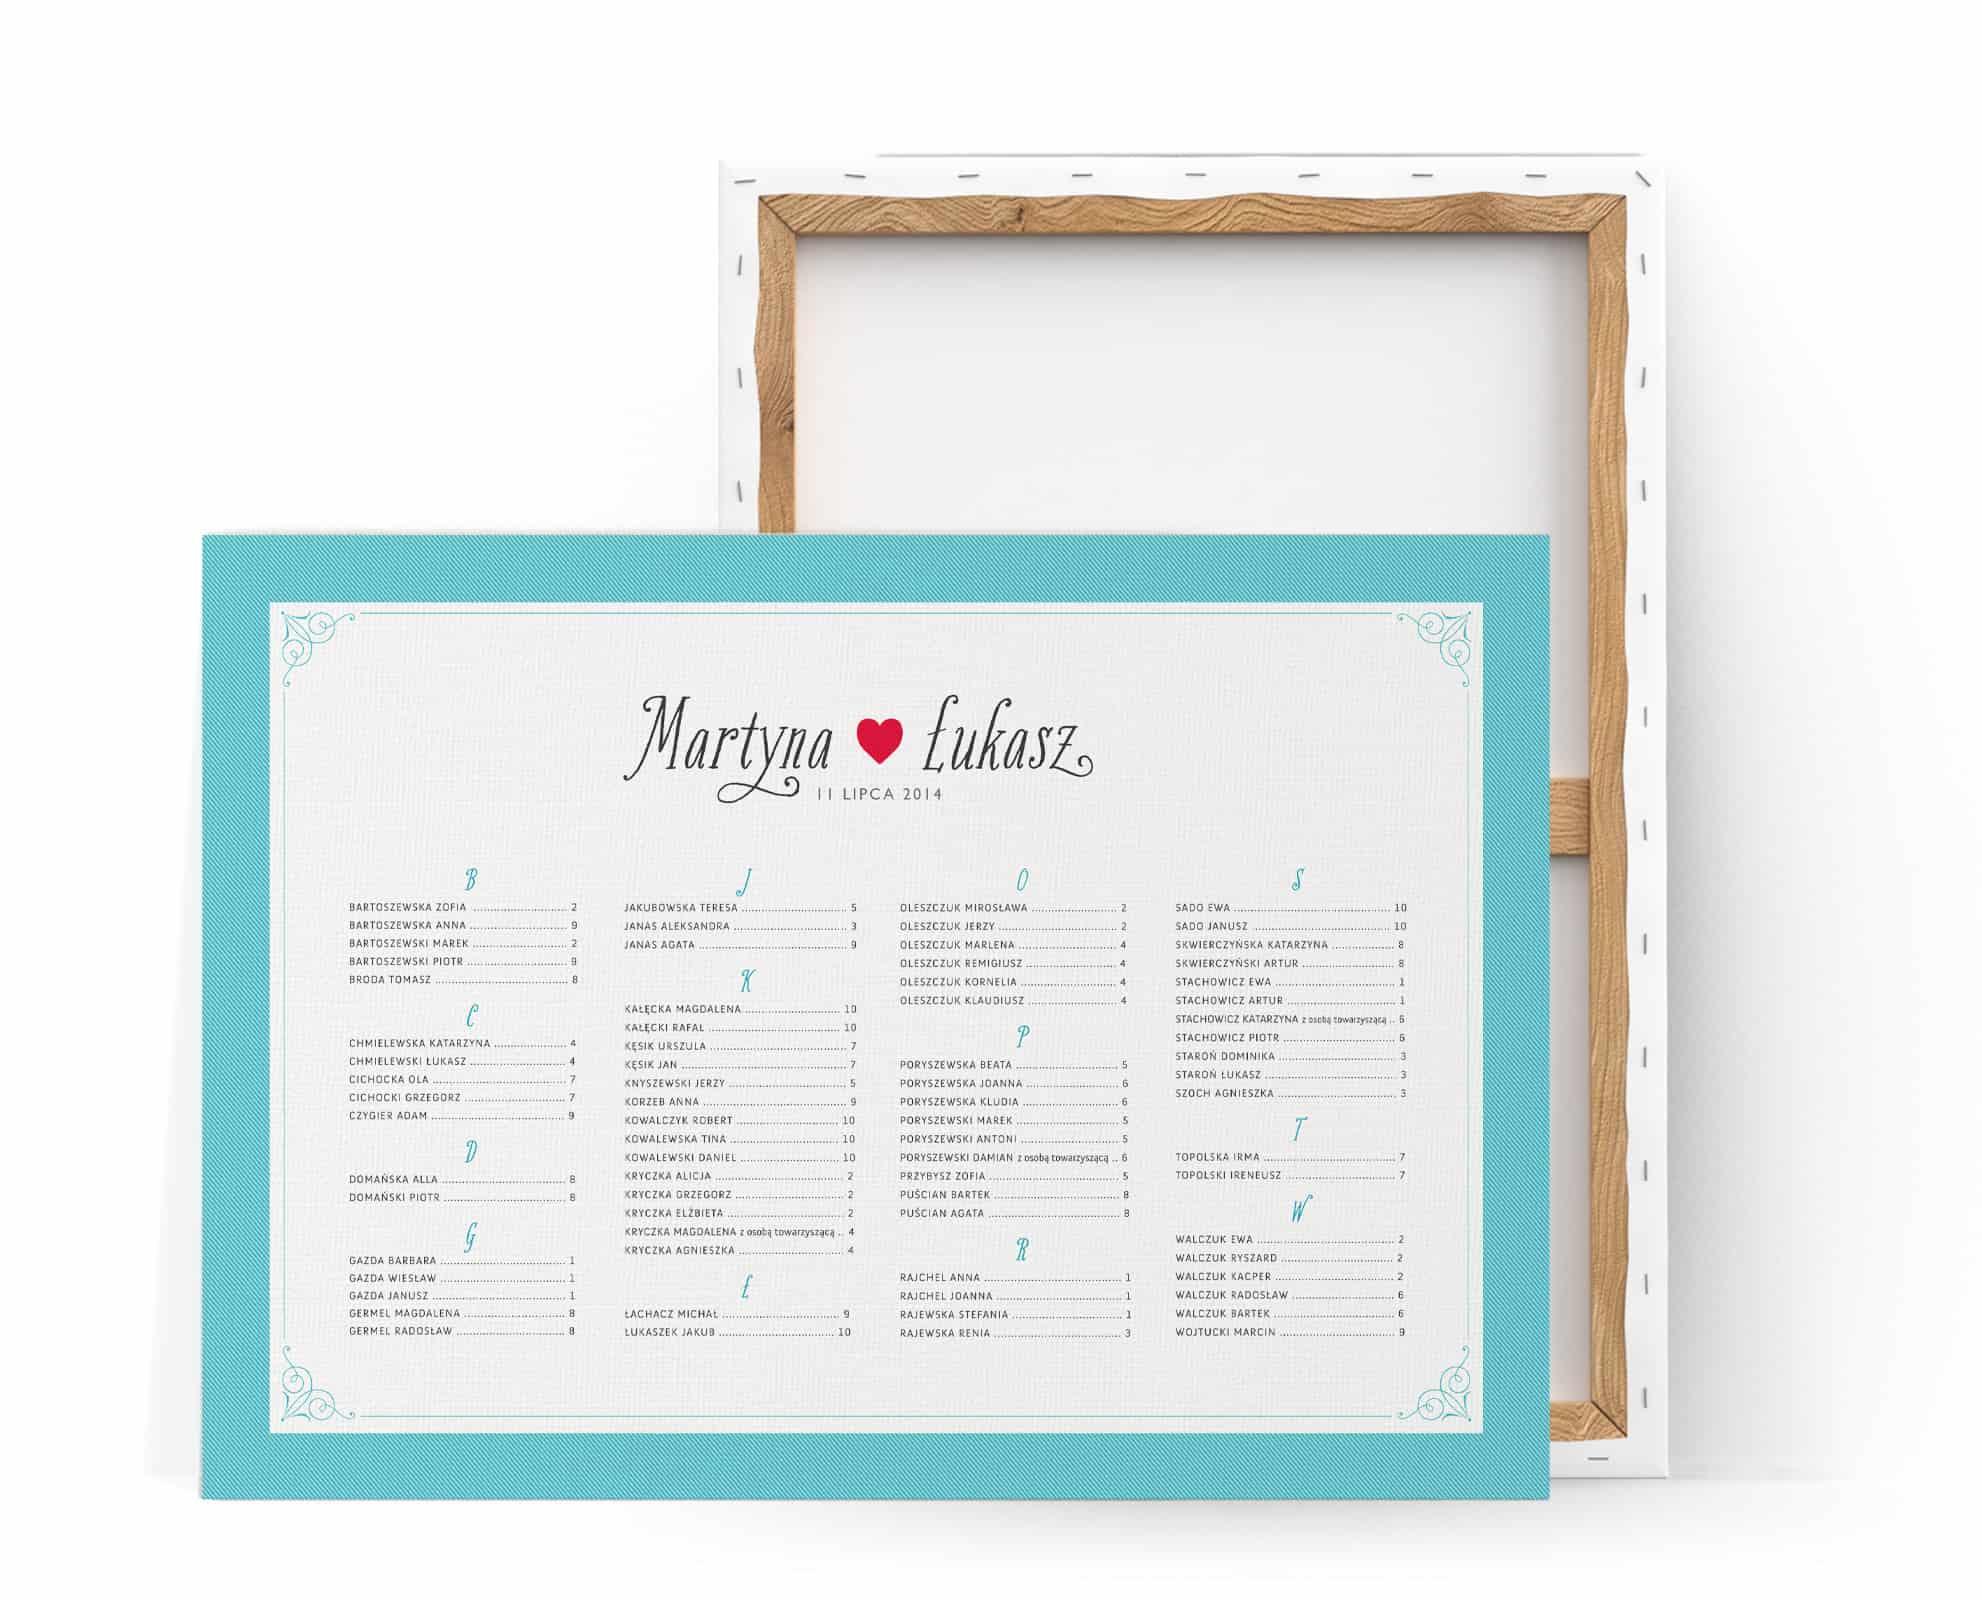 Biały, prosty i elegancki plan stołów w turkusowe paski